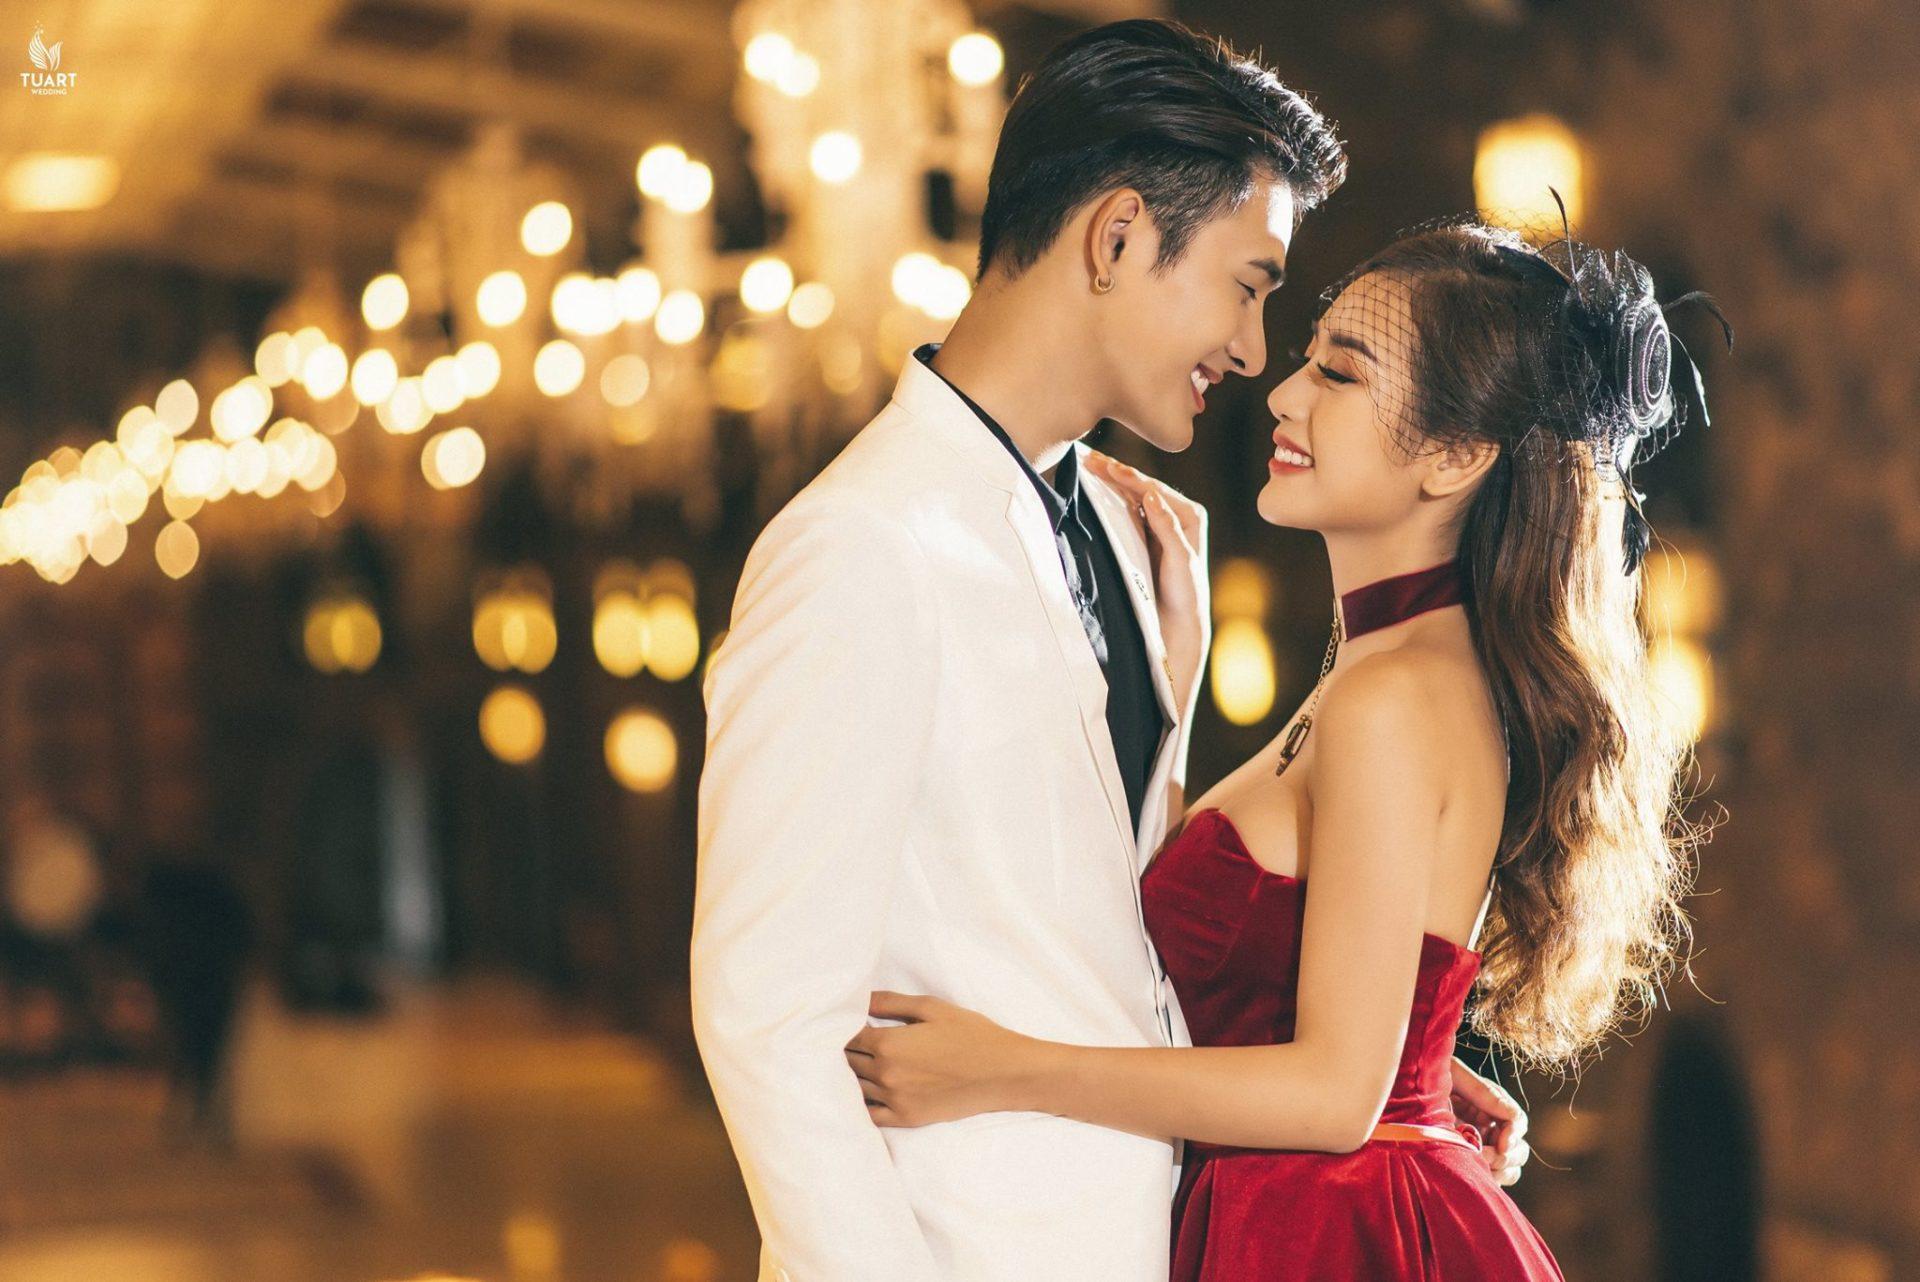 Album tại Long Island : Nam & Nhi – Album hình cưới đẹp tại Hồ Chí Minh